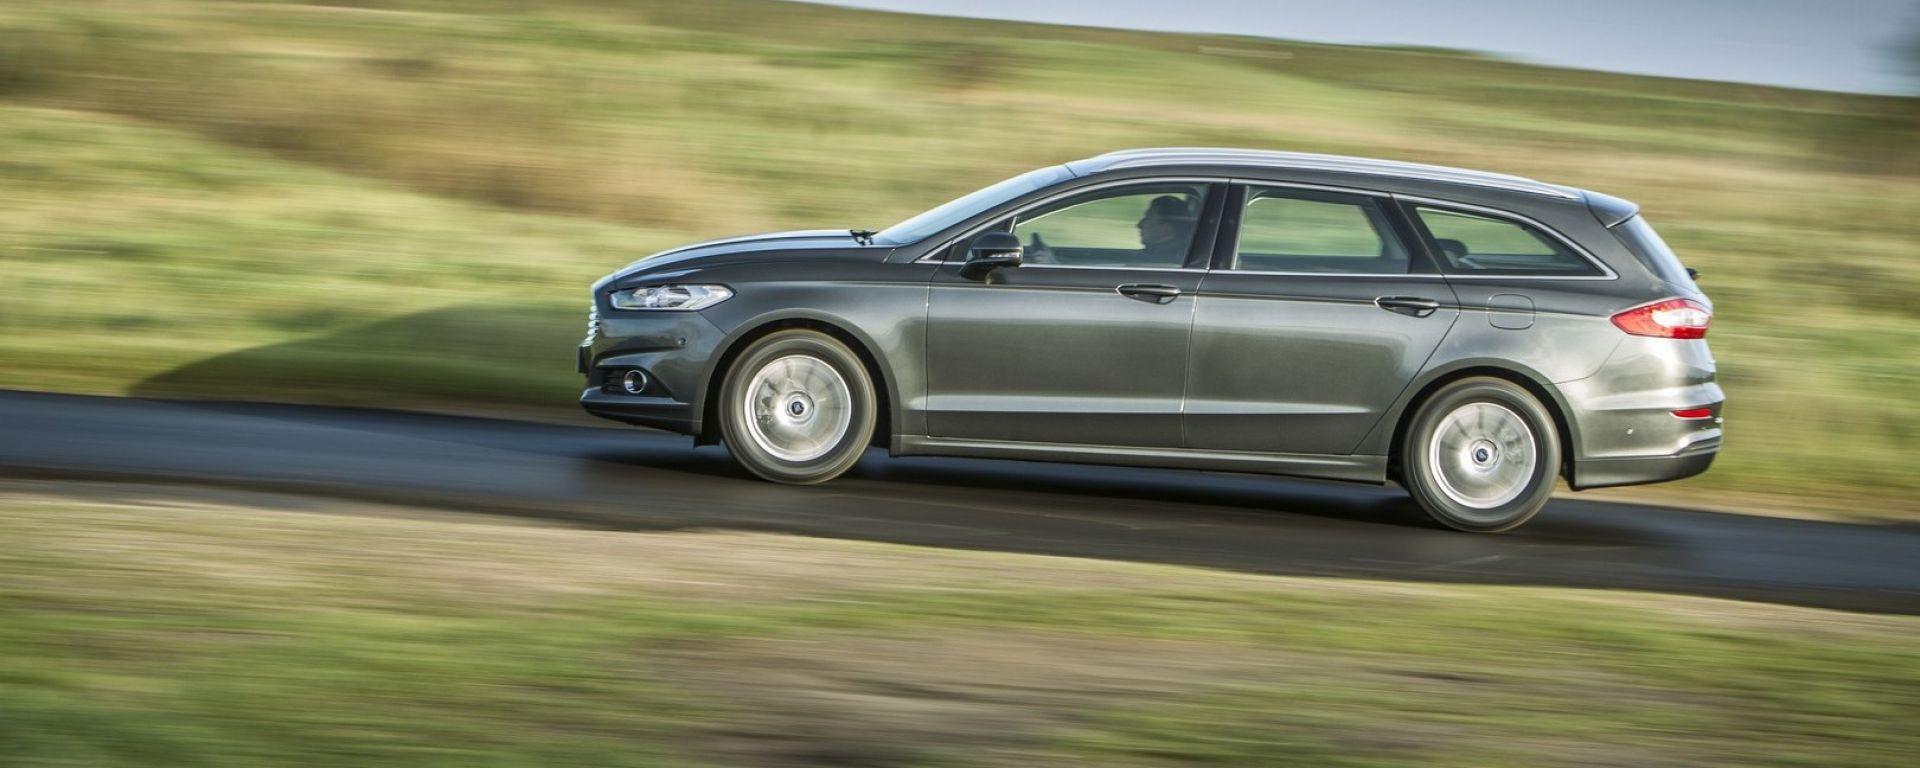 Nuova Ford Mondeo 2019 Hybrid SW: le info e foto ufficiali